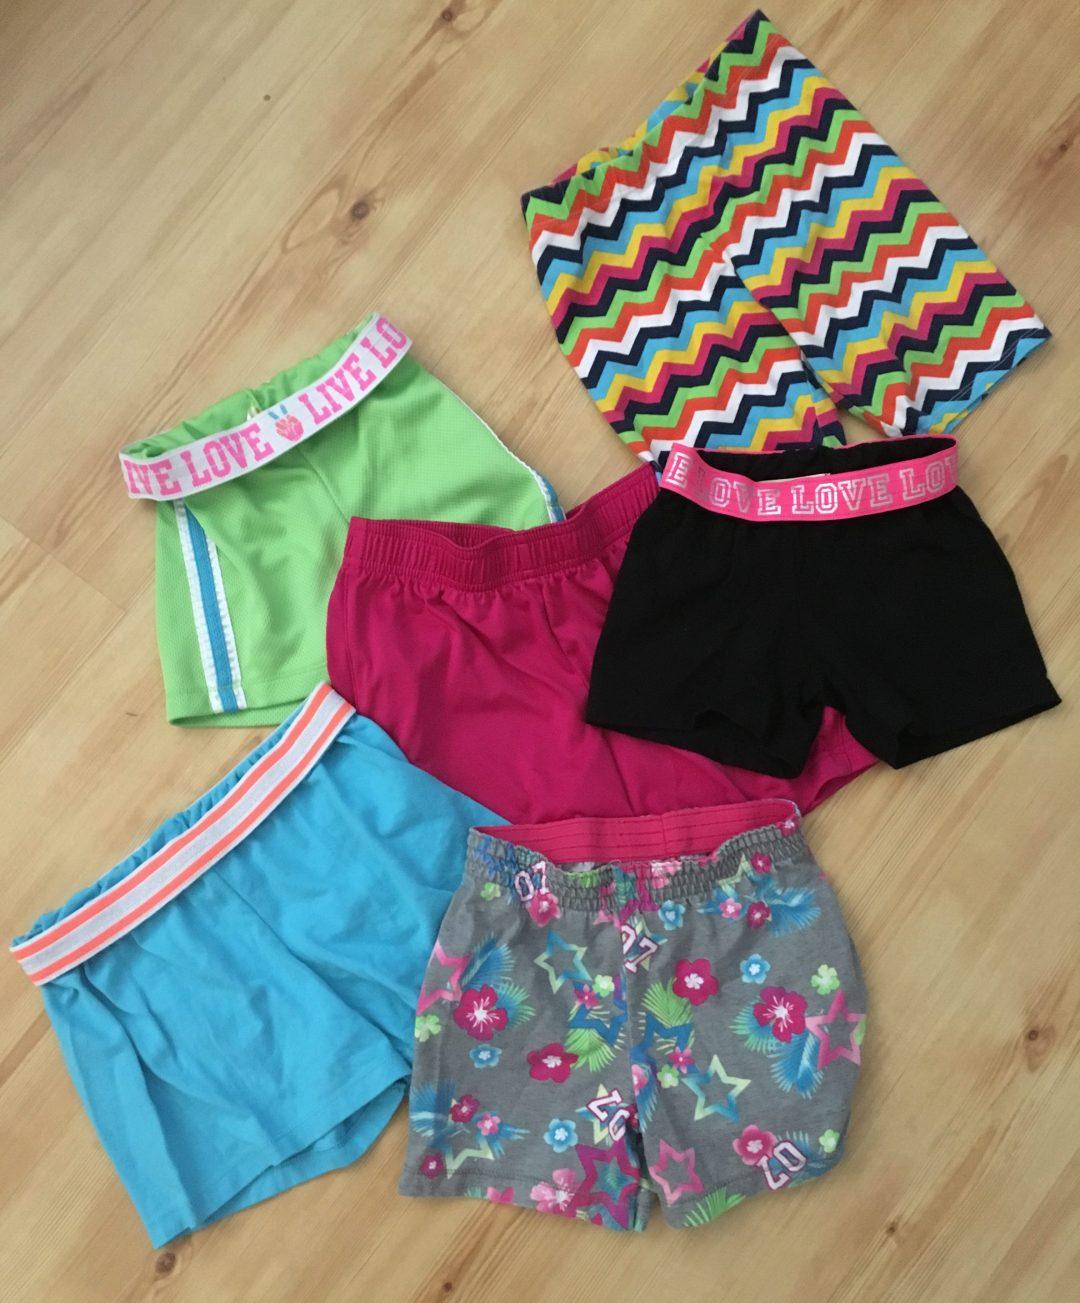 $1 shorts frugal clothes at walmart